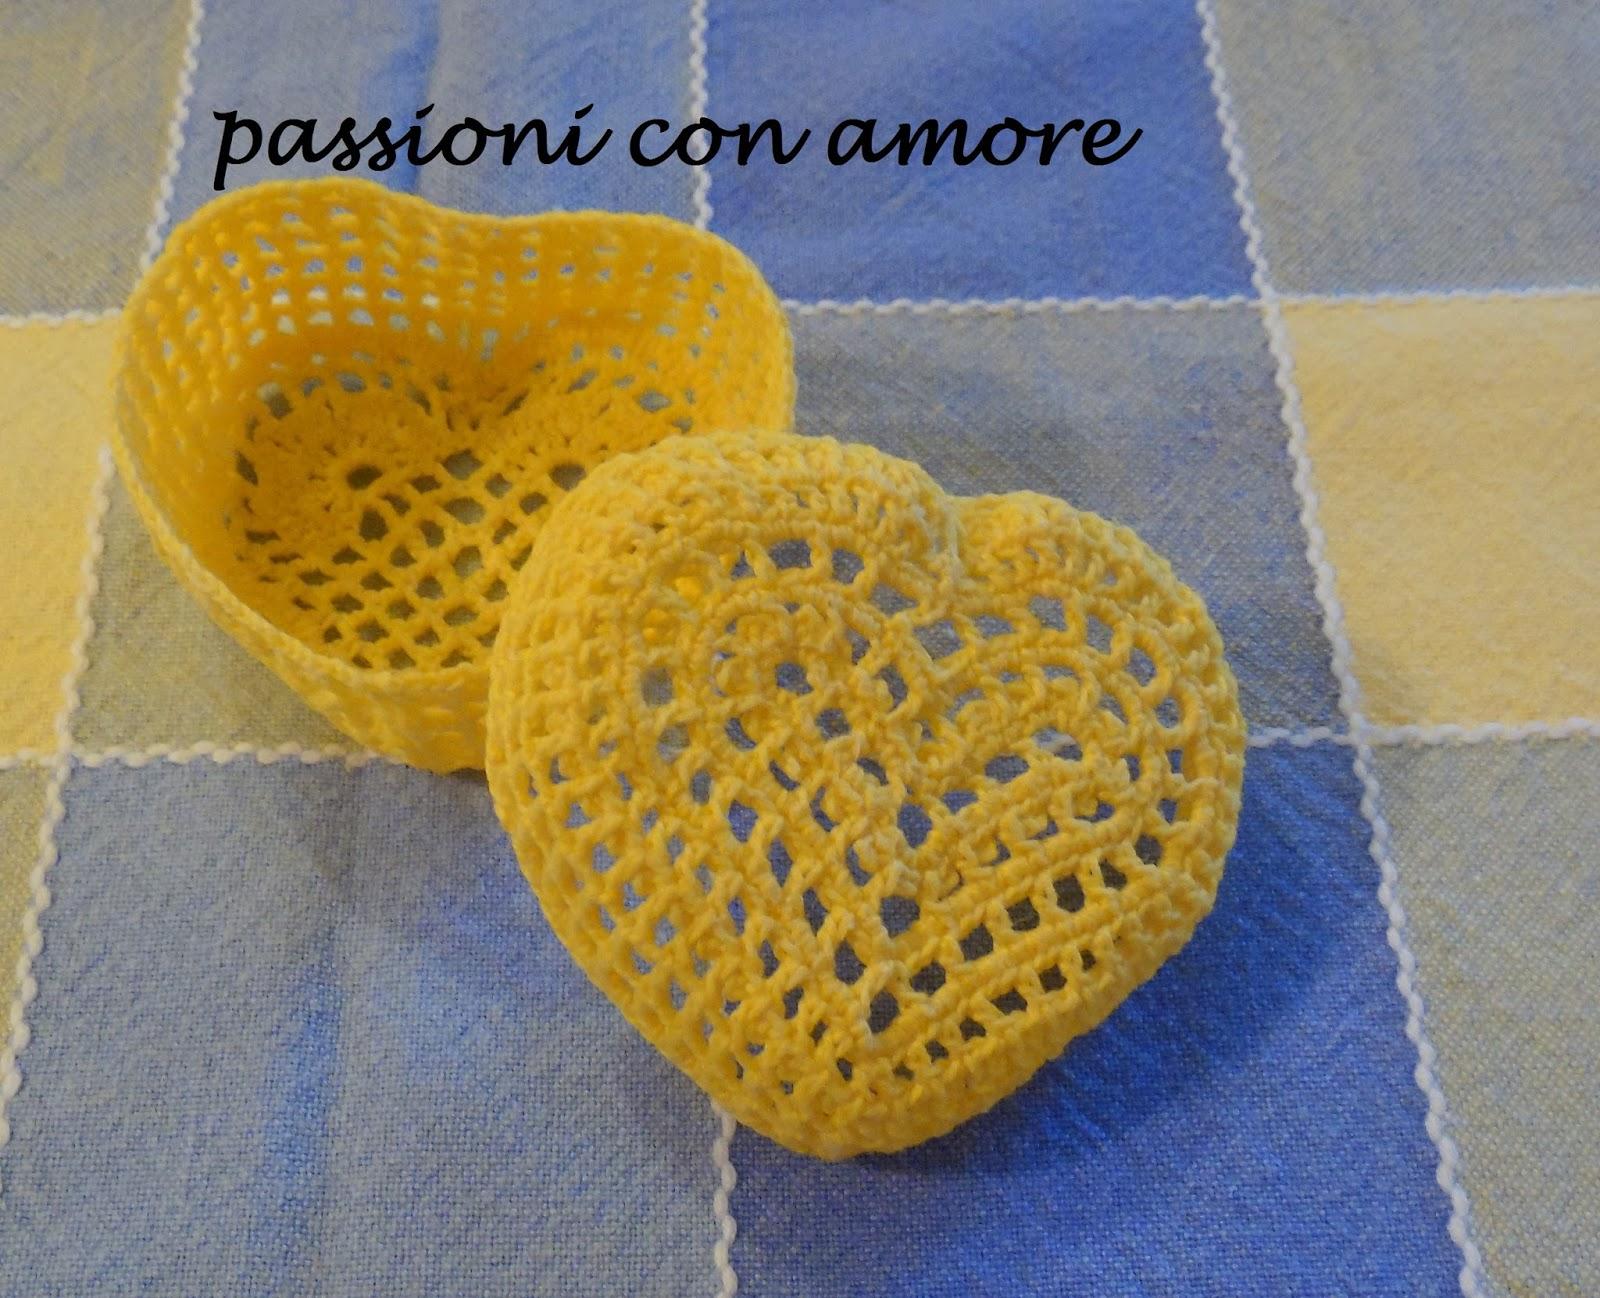 Eccezionale Passioni con Amore: altre bomboniere all'uncinetto KM22